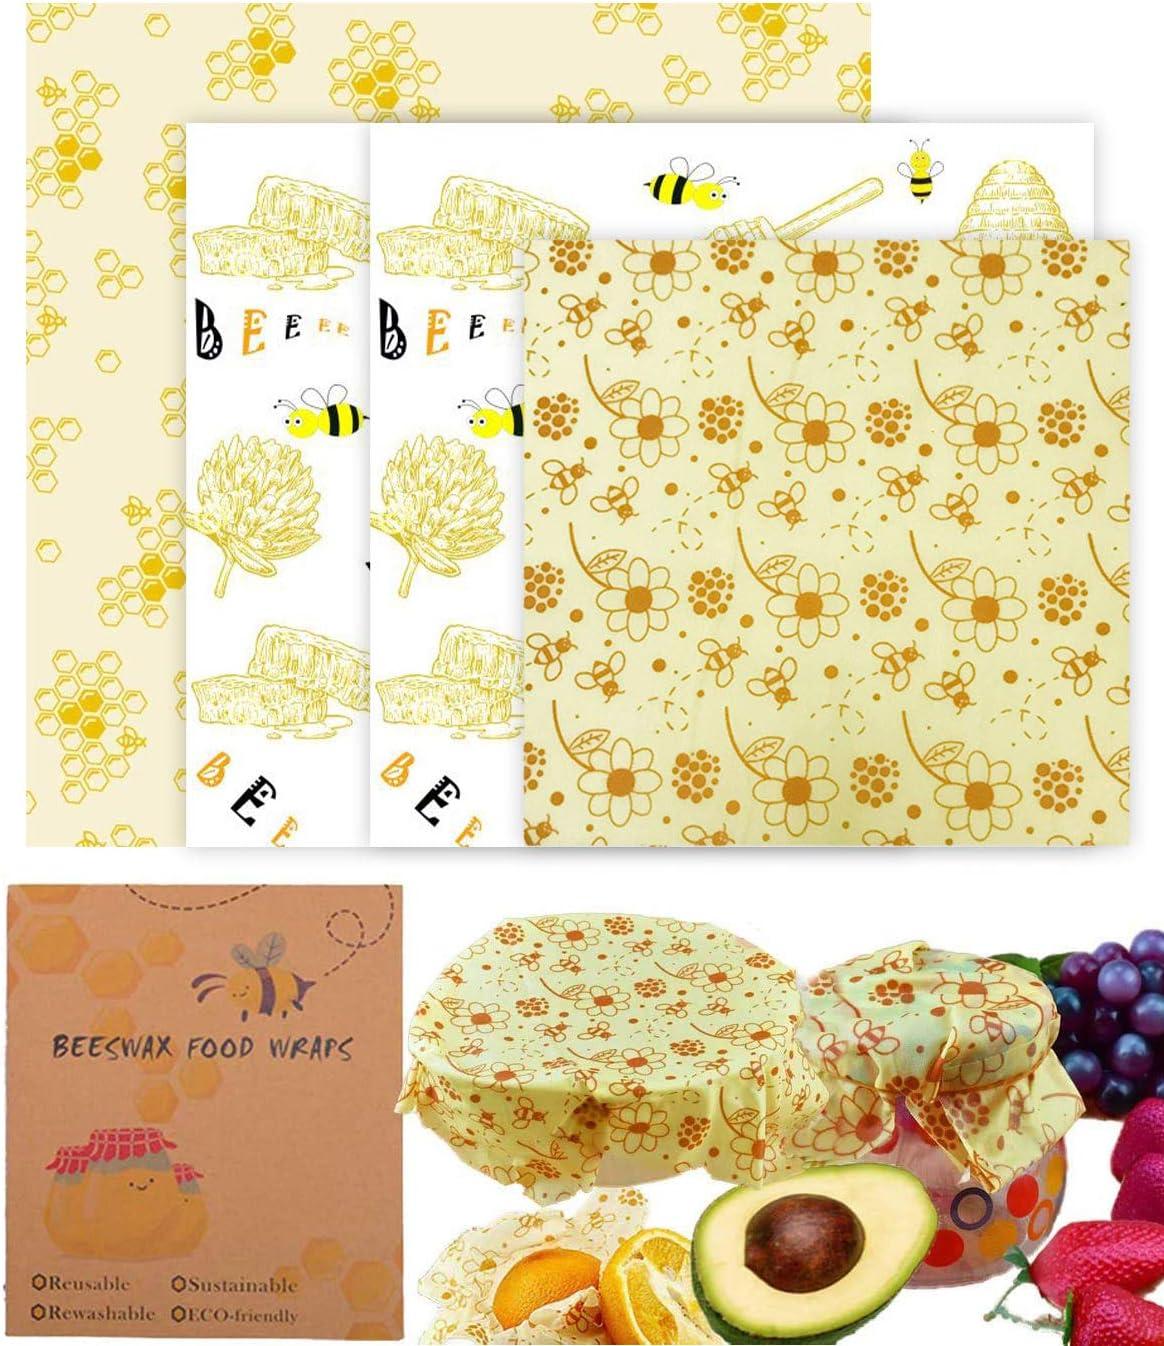 OrgaWise Beeswax Wrap Ecológicas y Lavable, Paquete de 4/6 Envoltorio Bocadillo Reutilizable Utilizado en Queso, Frutas, Verduras y Pan: Amazon.es: Hogar